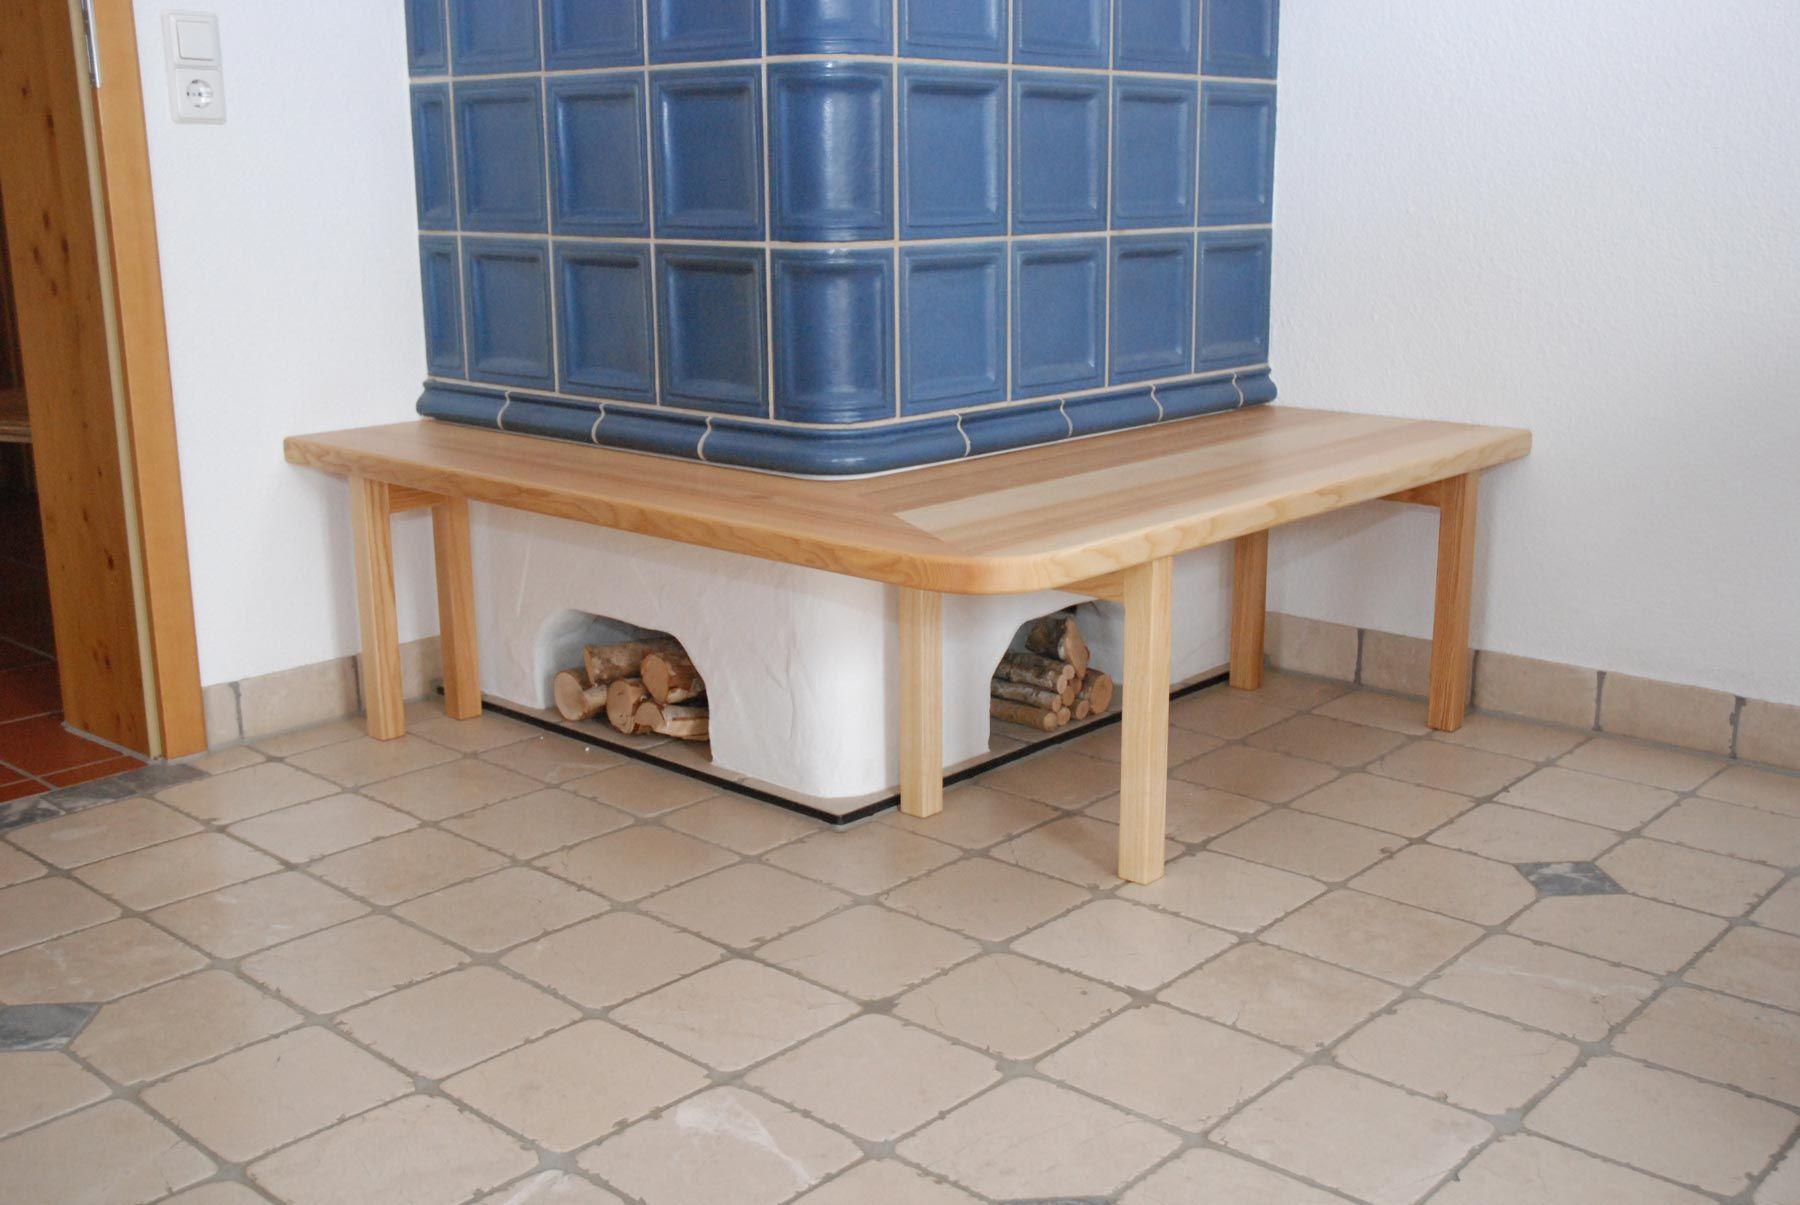 ofenbank in esche f r den kachelofen holzbank. Black Bedroom Furniture Sets. Home Design Ideas